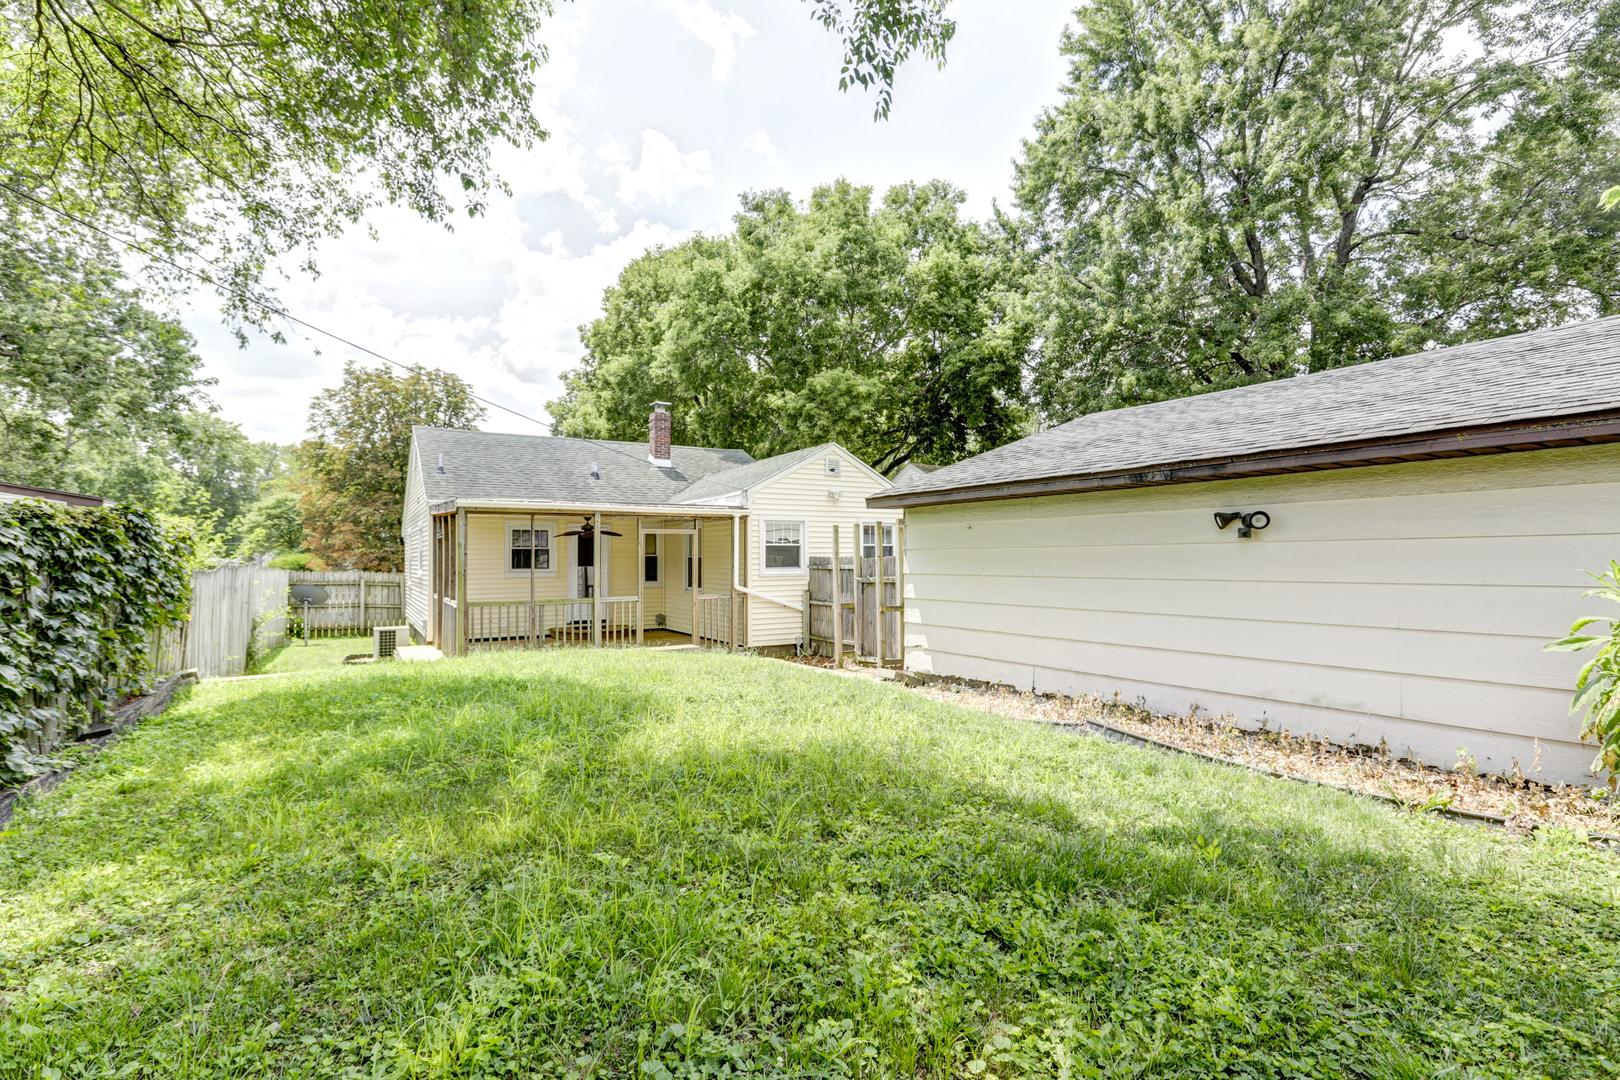 720 West Maple, Champaign, Illinois, 61820